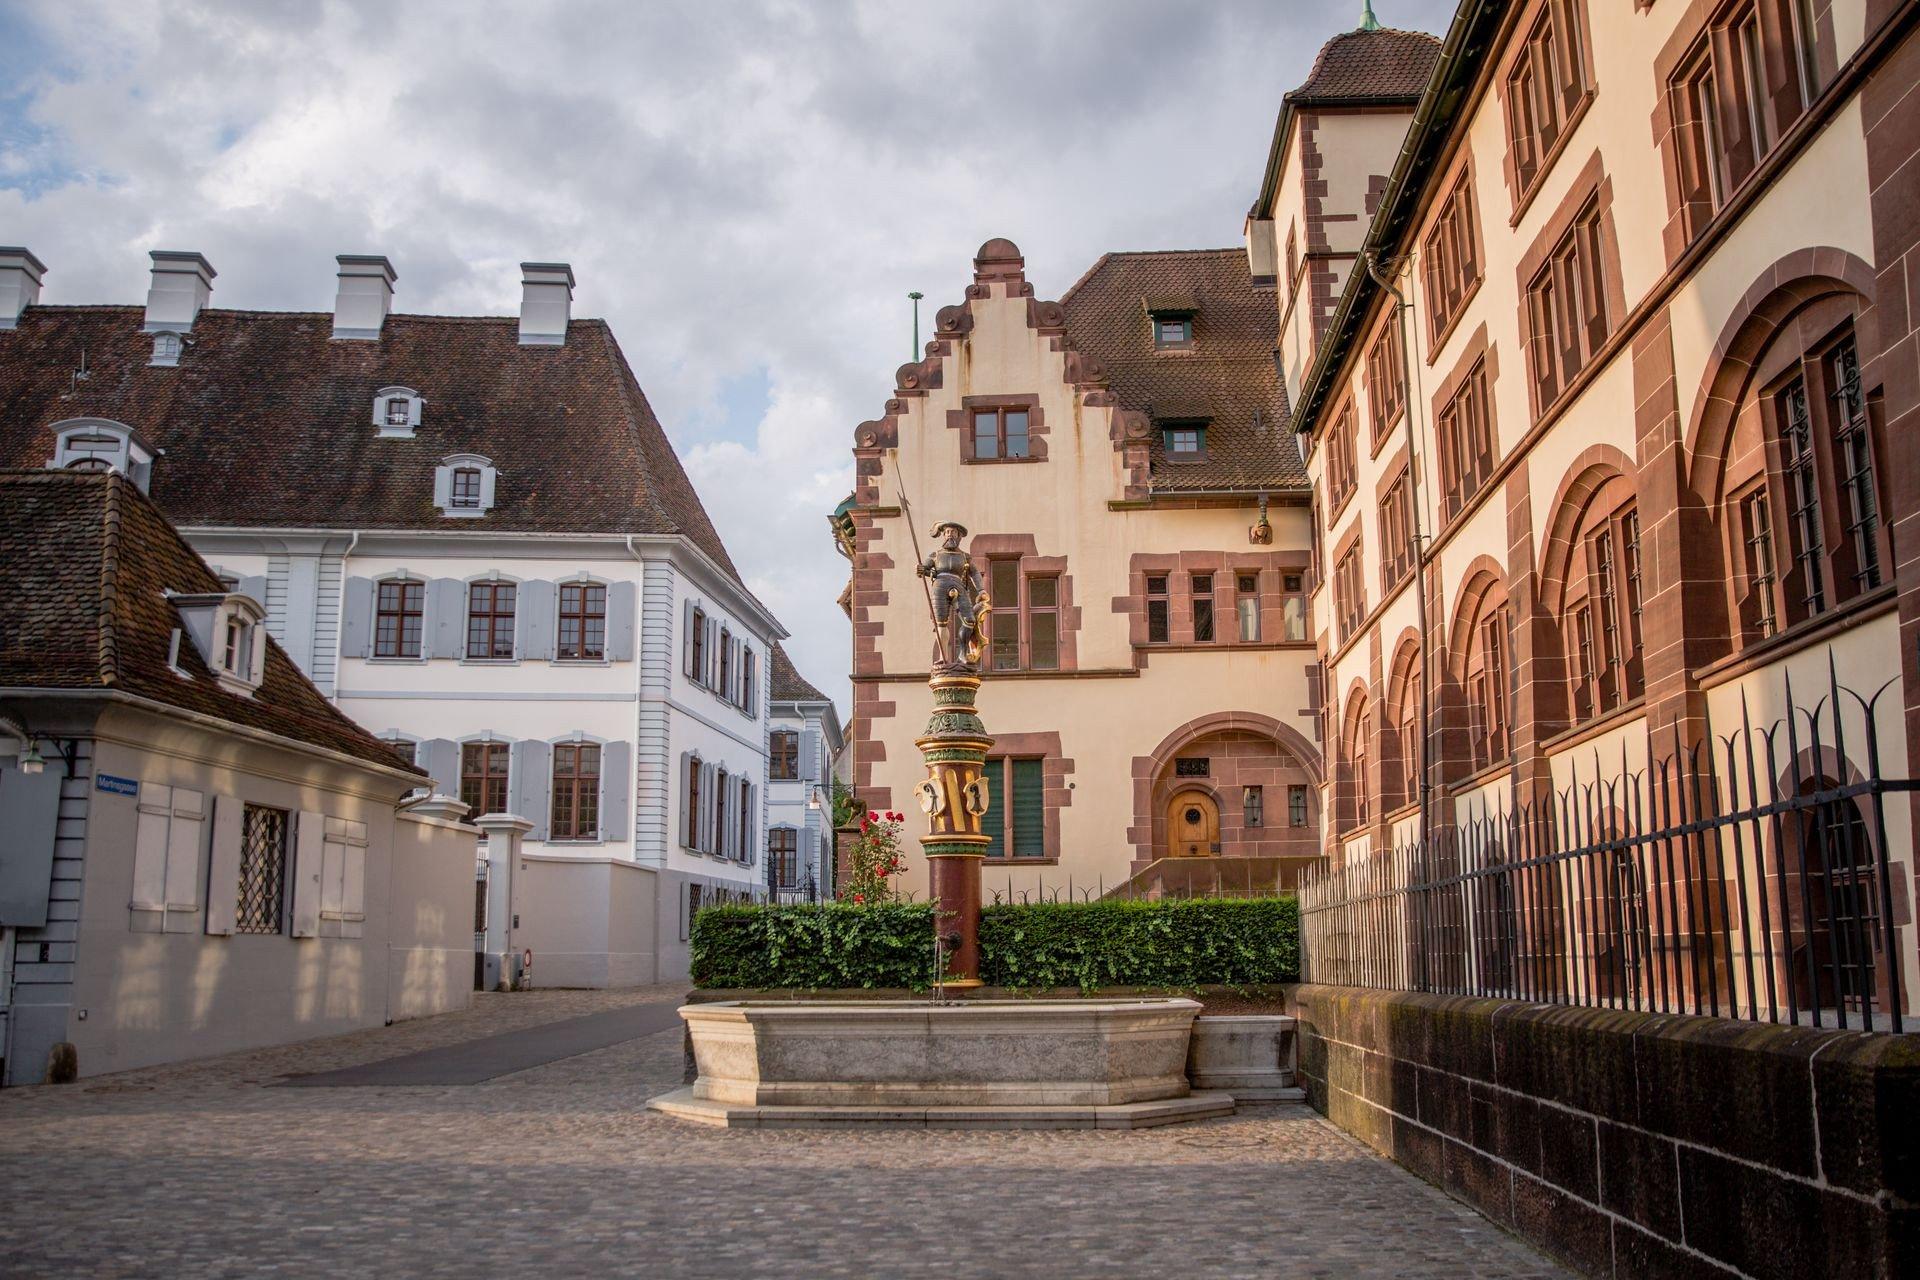 Martinskirchplatz